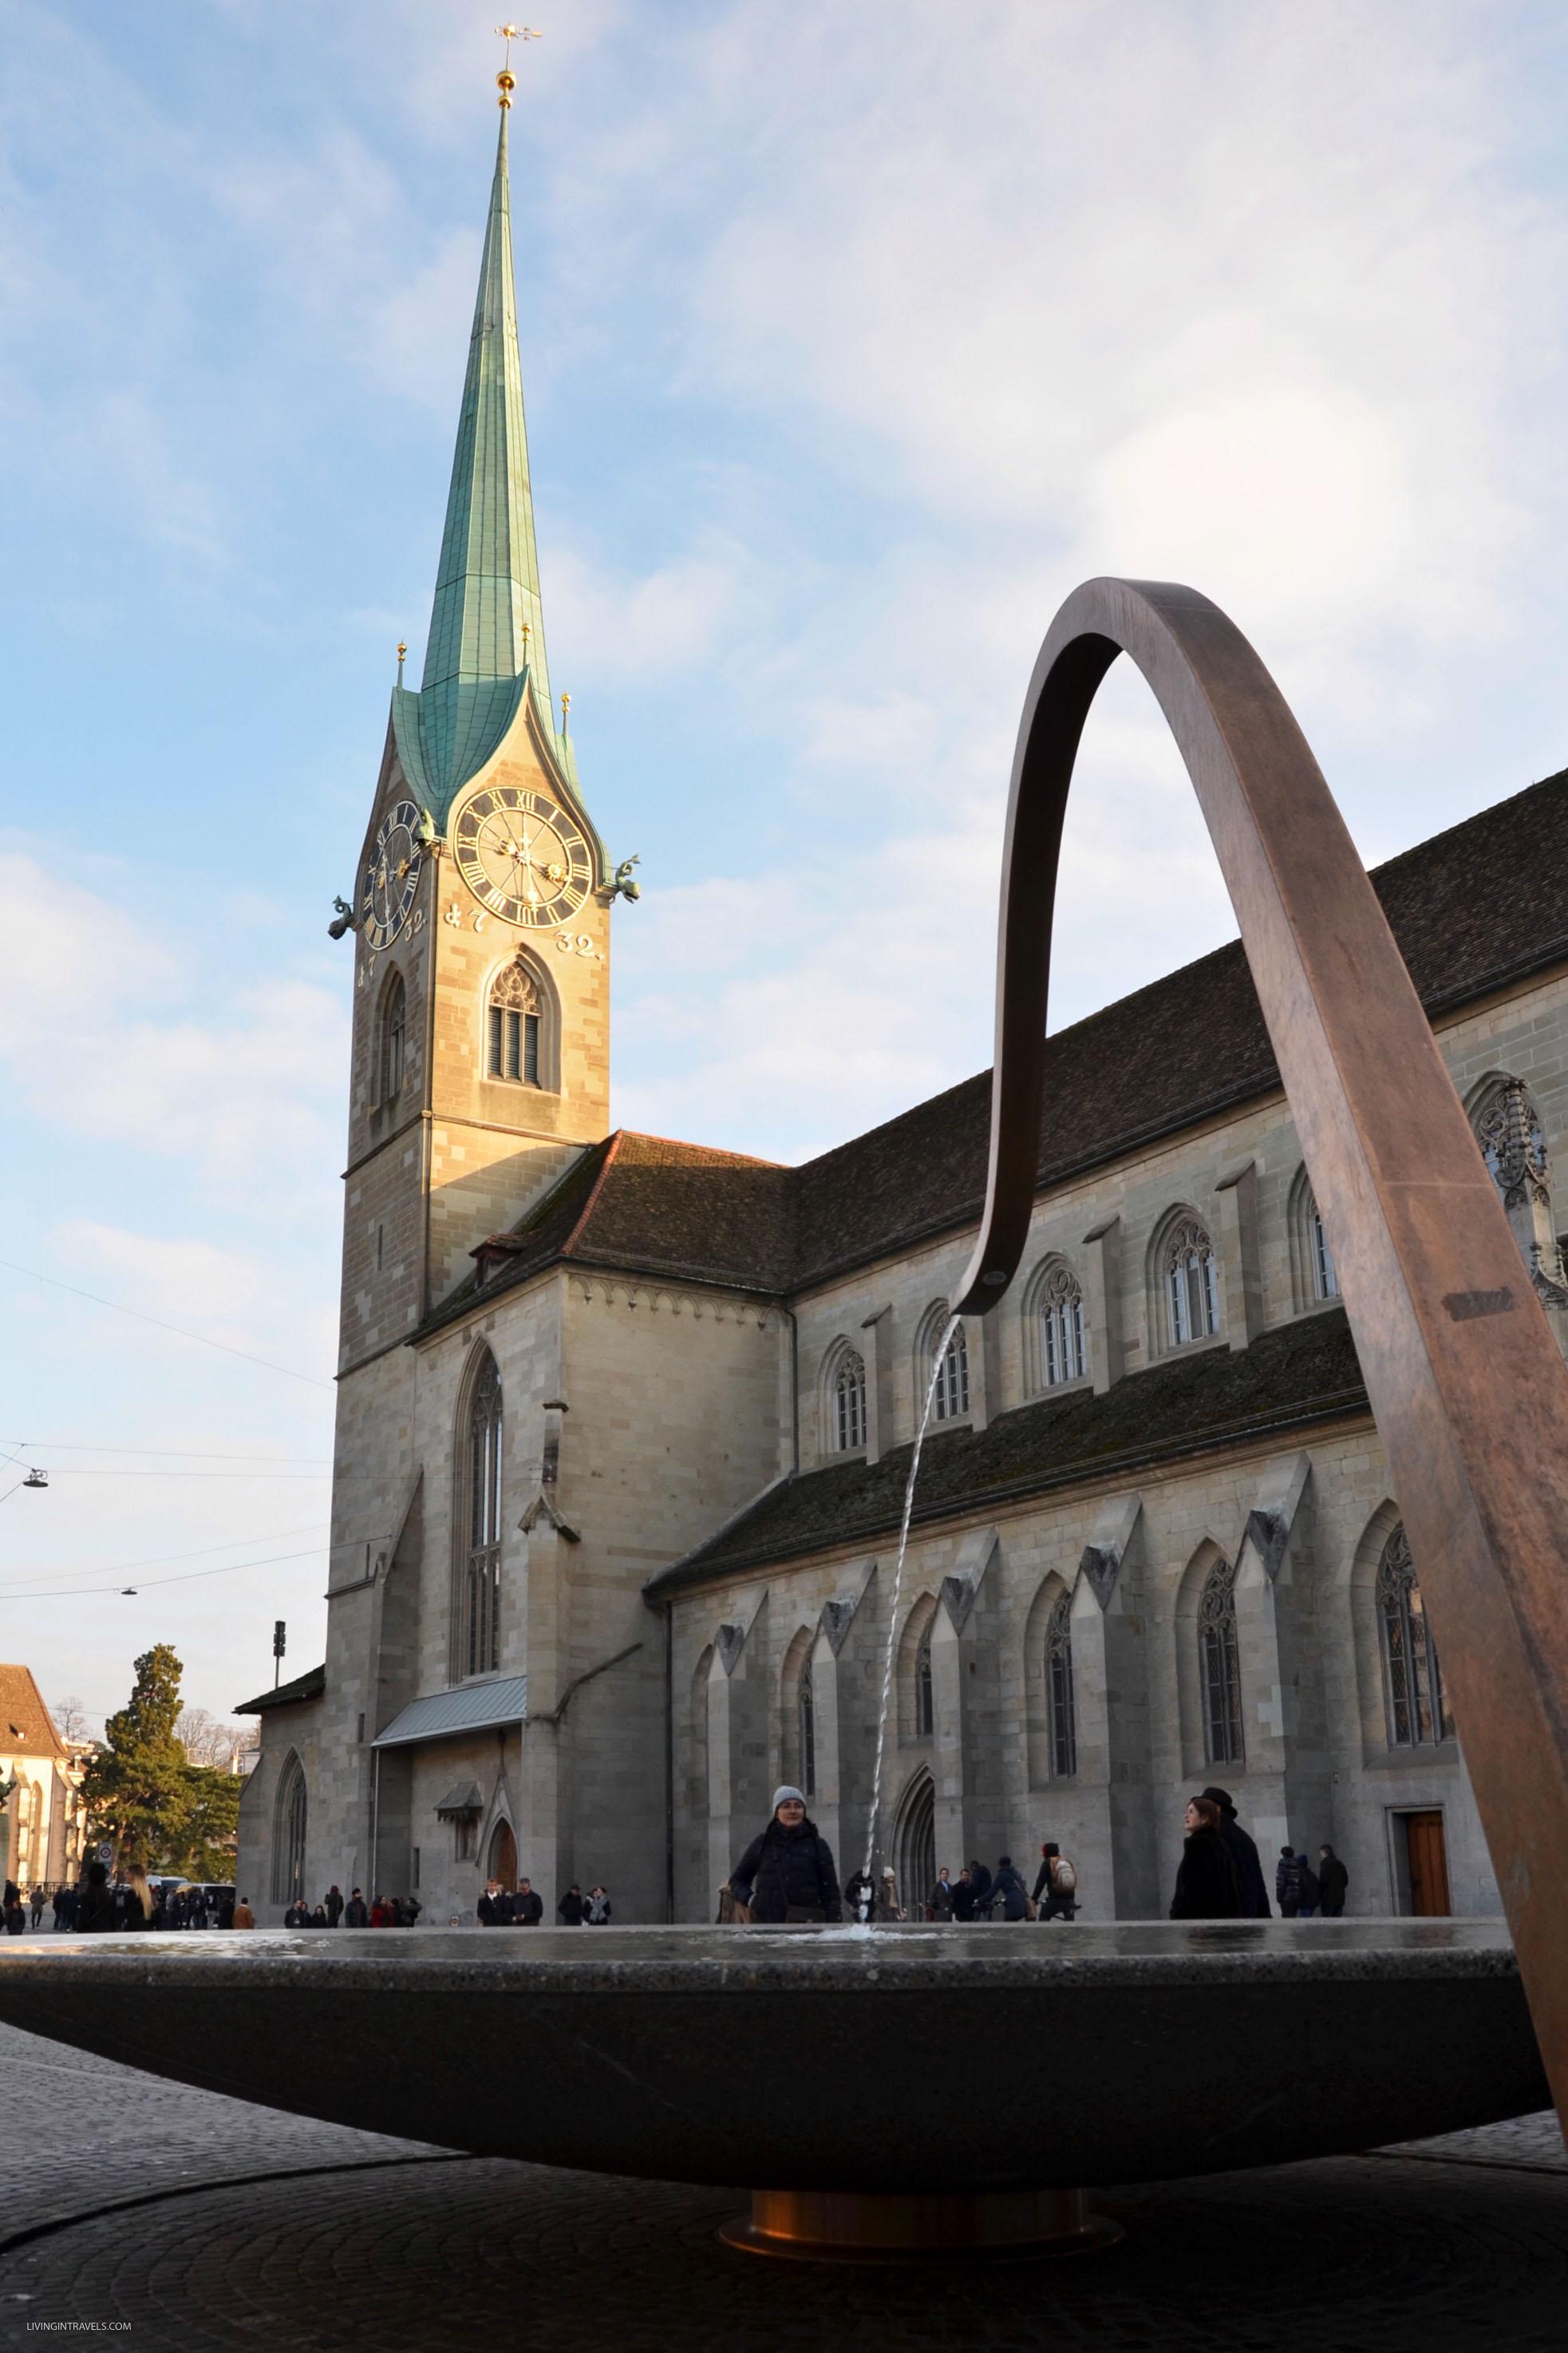 Фонтаны Цюриха. Швейцария: Цюрих и окрестности за 48 часов